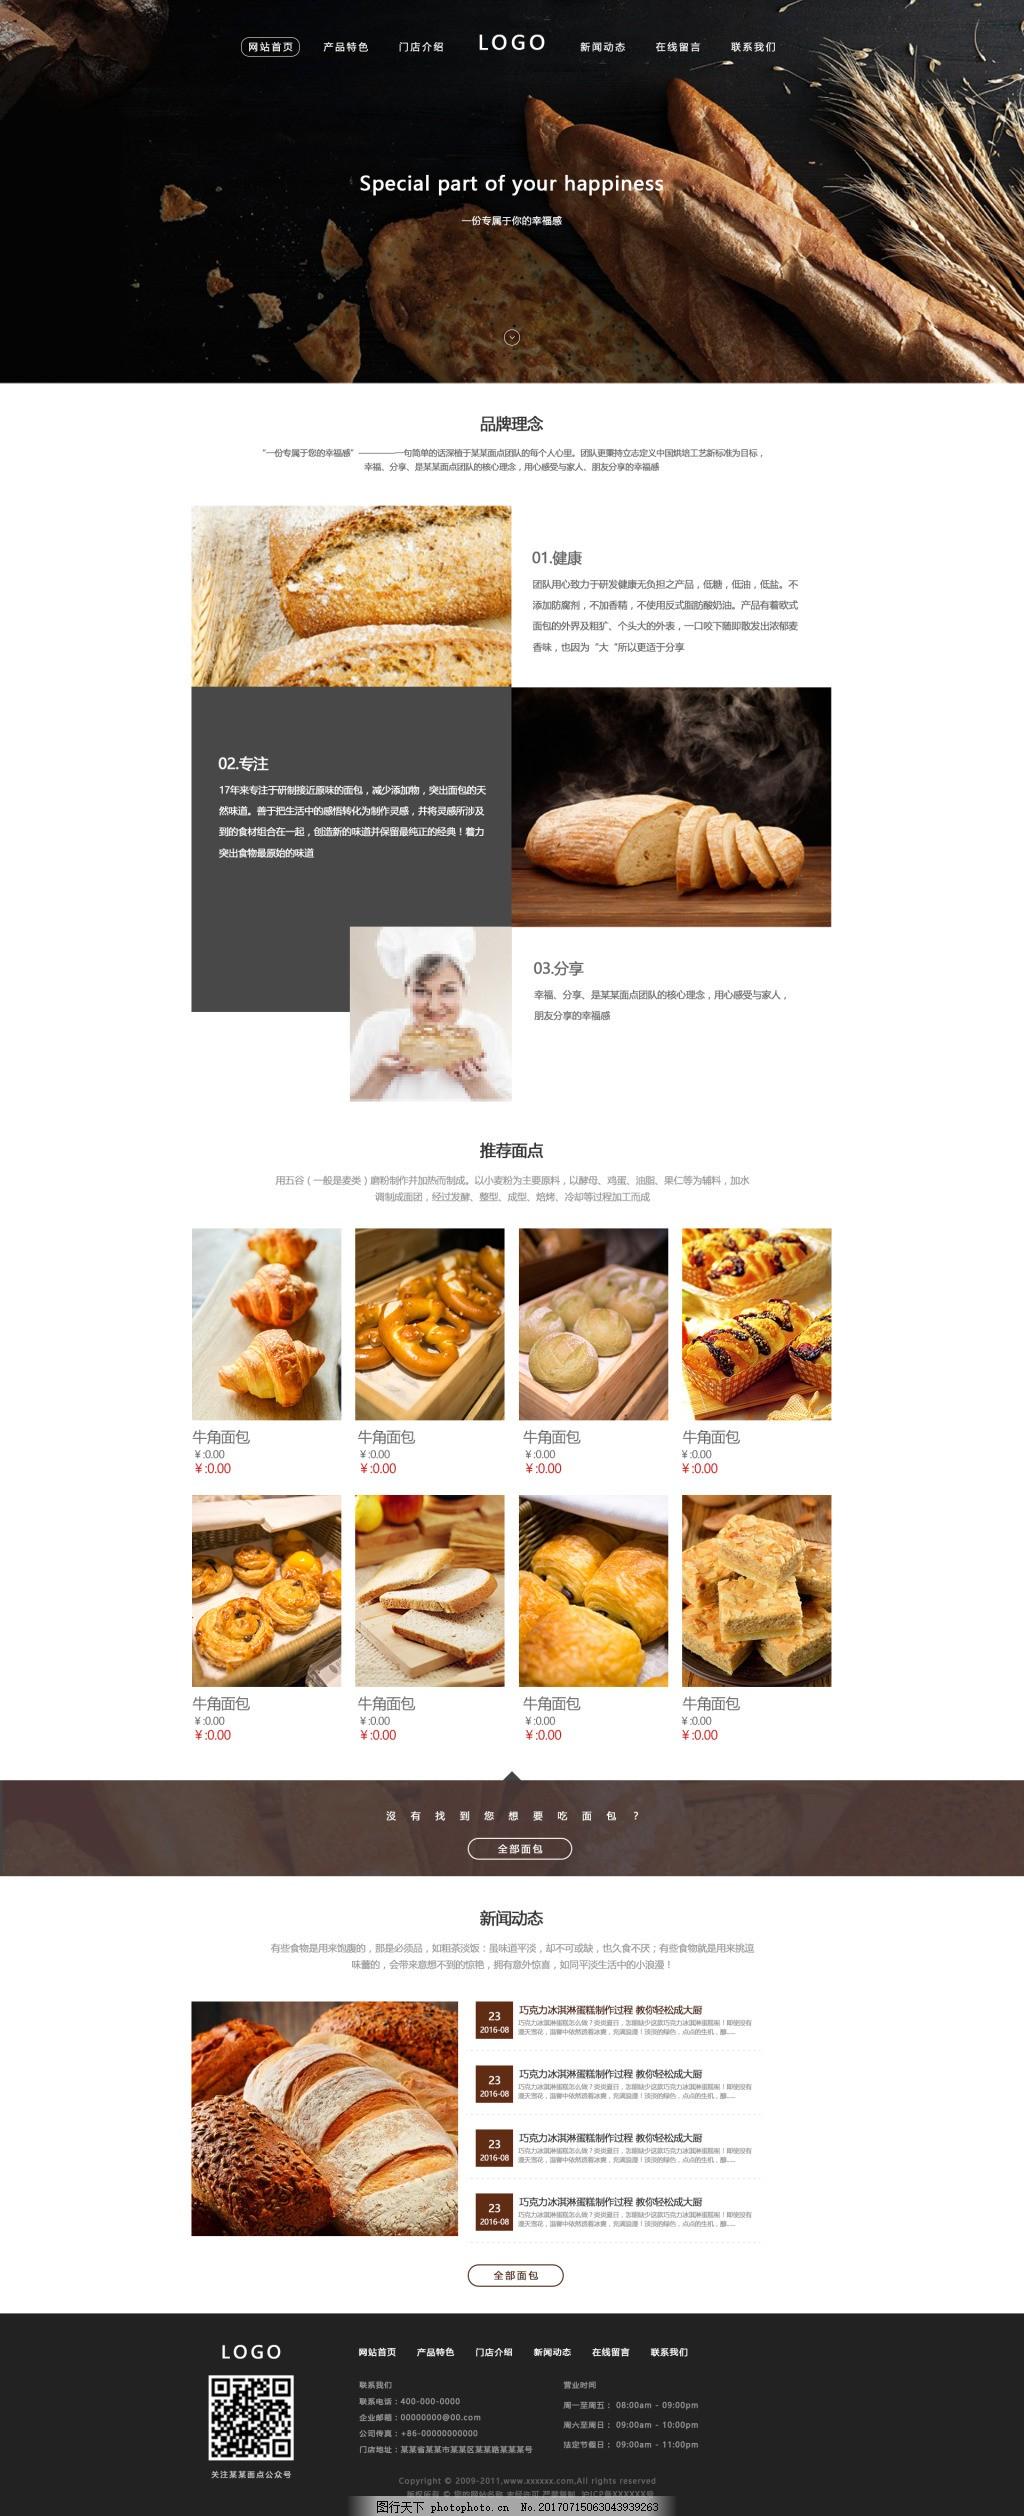 面点网站设计 面包网站 网站设计模板 食品网站 美食网站